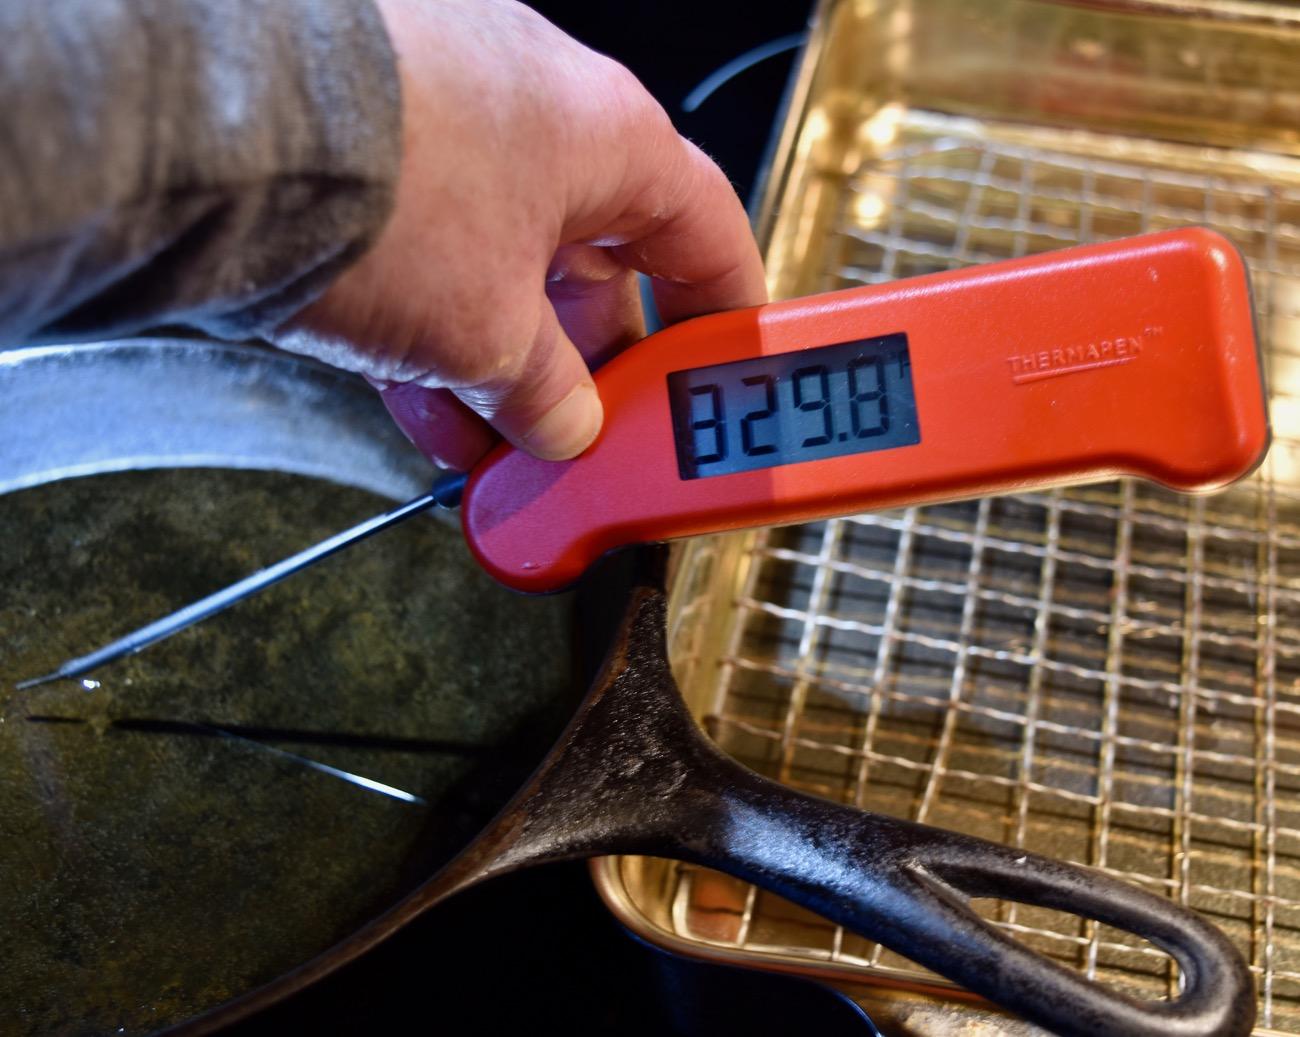 heating oil.jpg